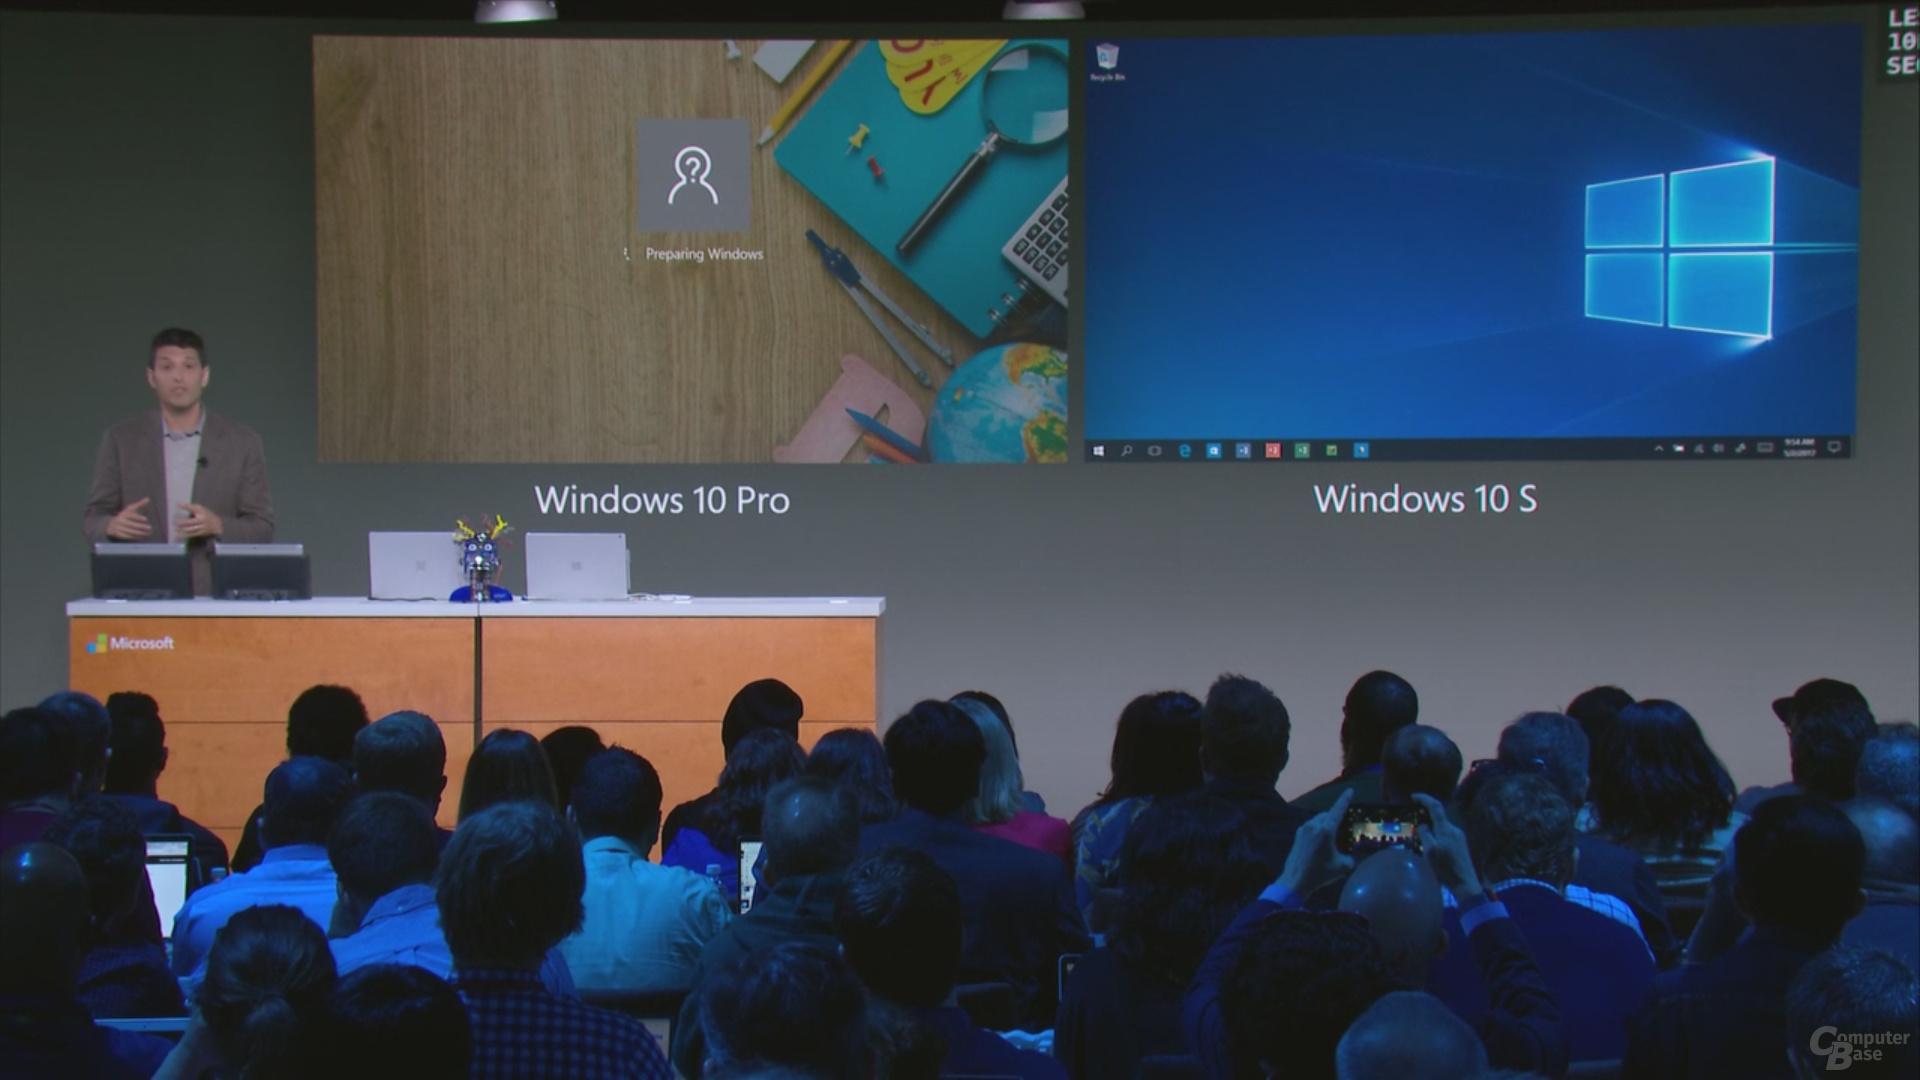 Windows 10 S hat eine schnellere Erstanmeldung